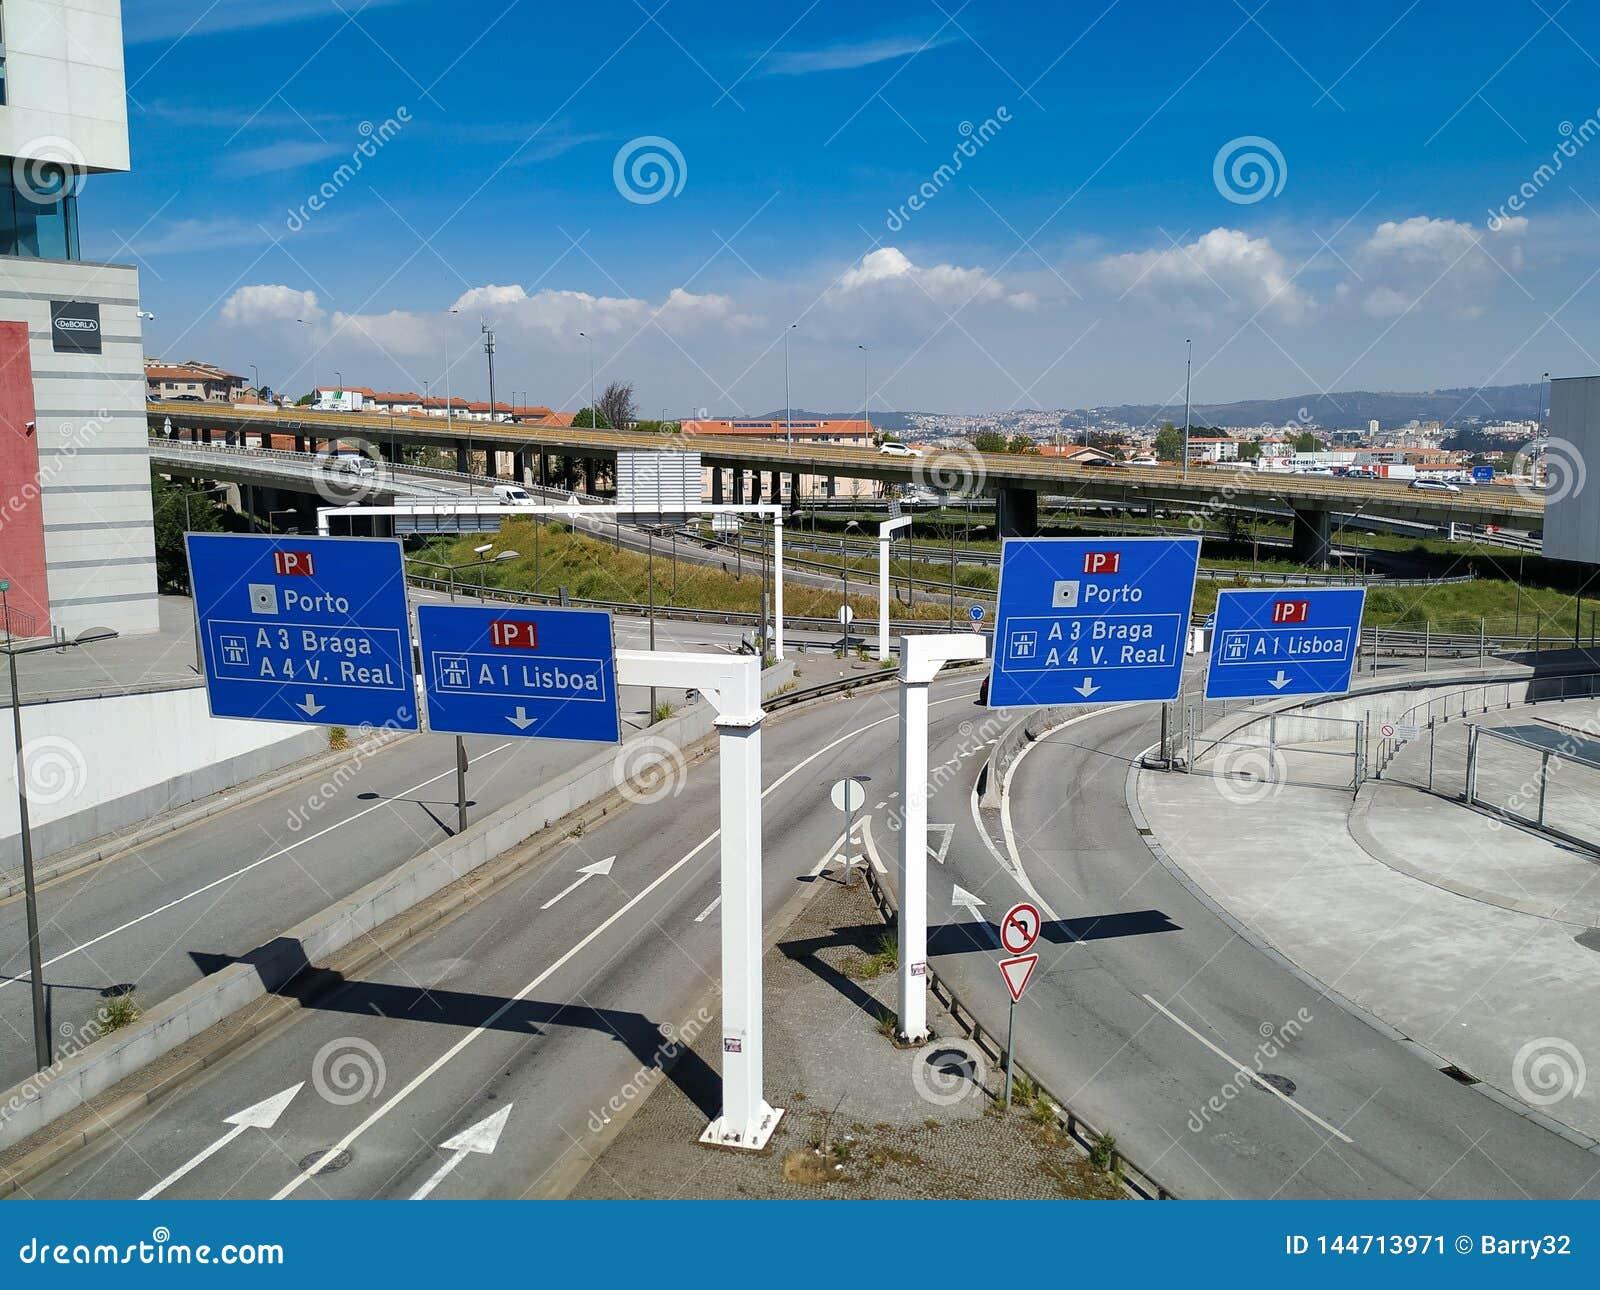 Entrada à estrada IP1 principal em Portugal, que conecta o Algarve ao norte